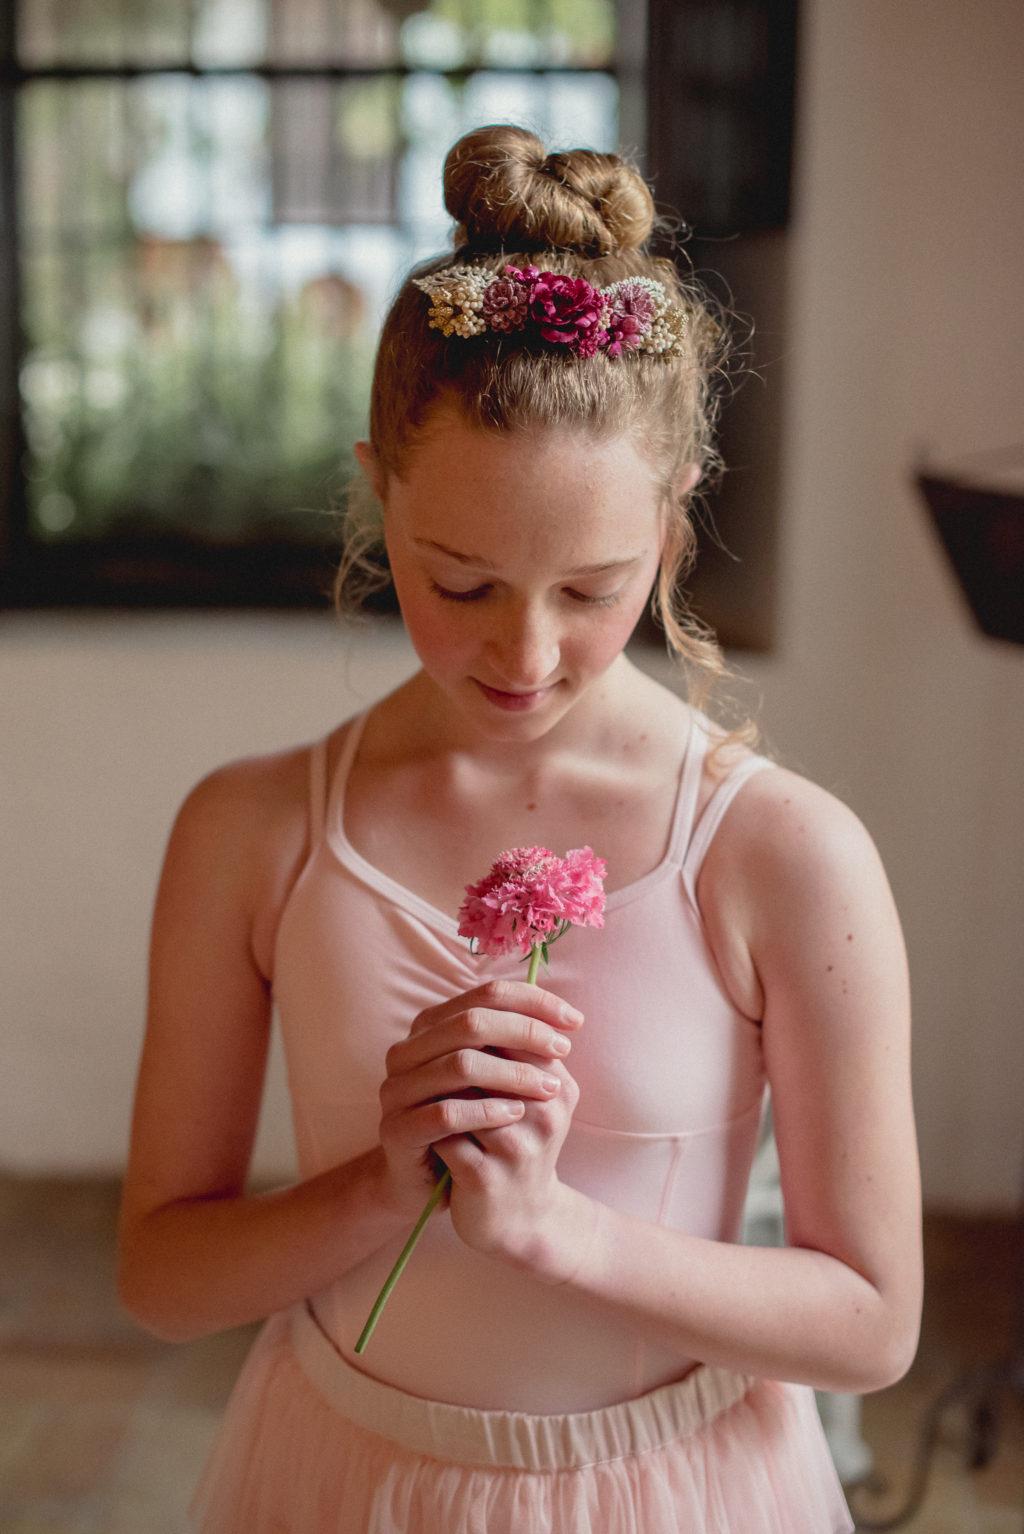 Bailarina 9.1 1 - El Sueño de una Novia Bailarina